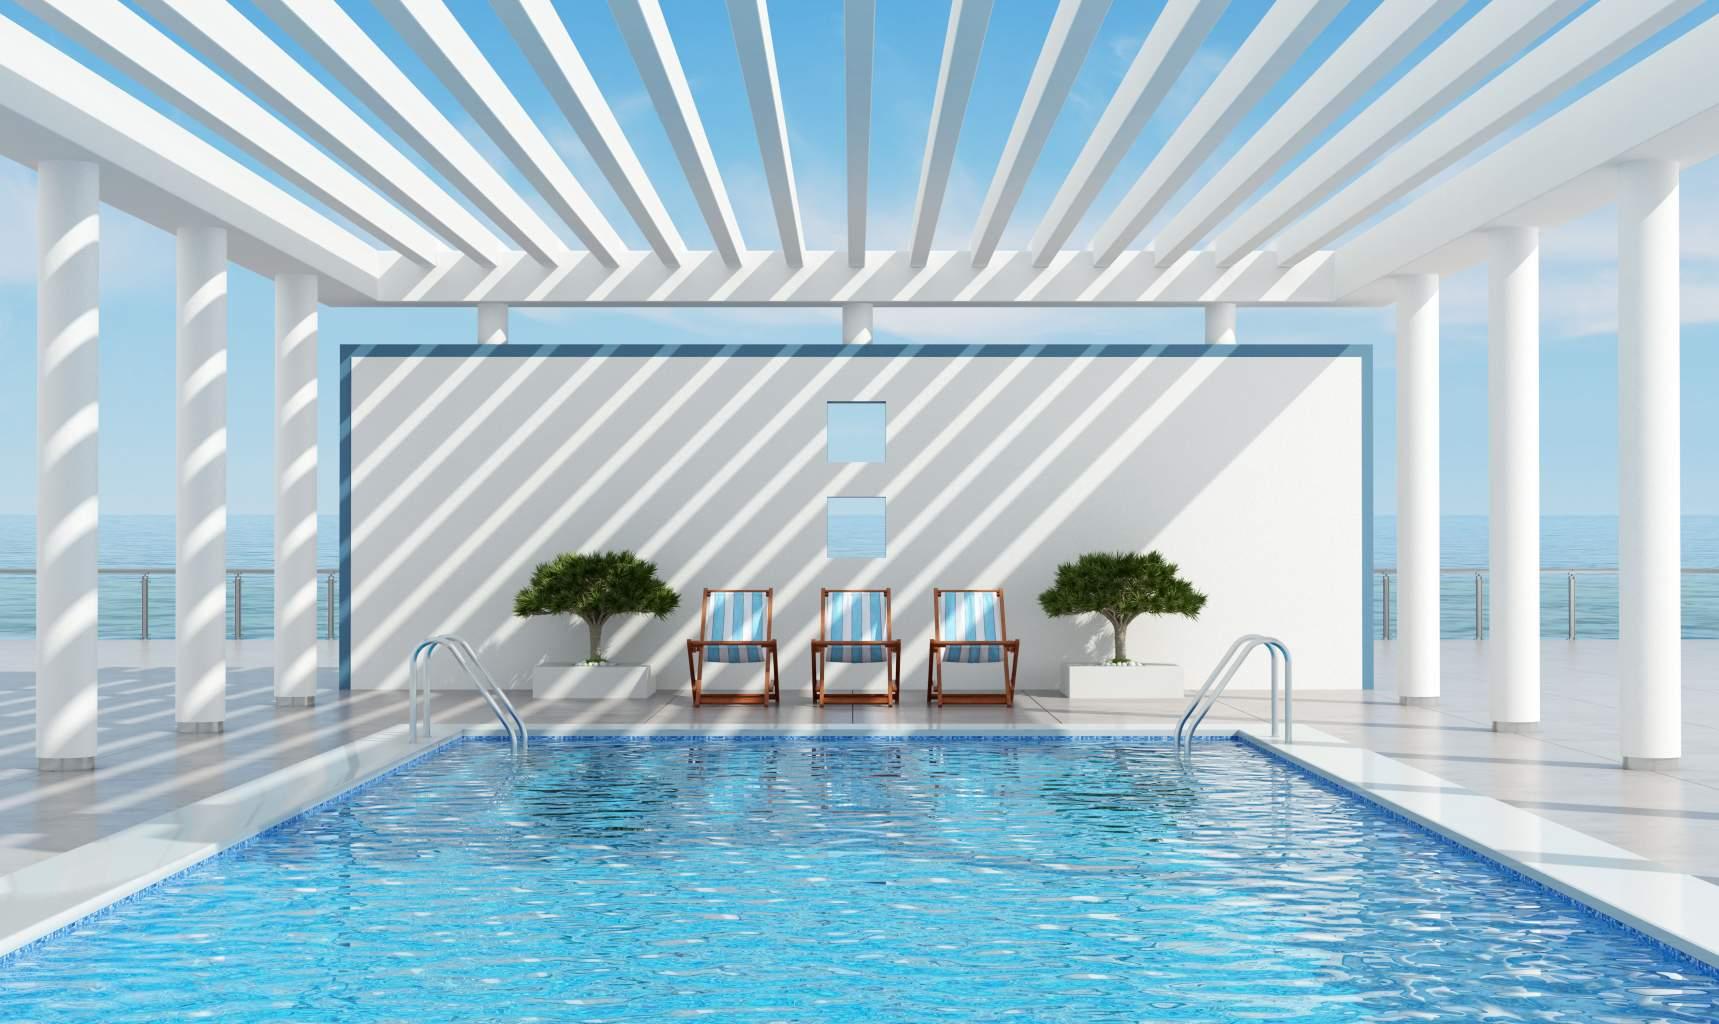 Vente d 39 accessoires et de produits de piscine n mes for Club piscine chlore